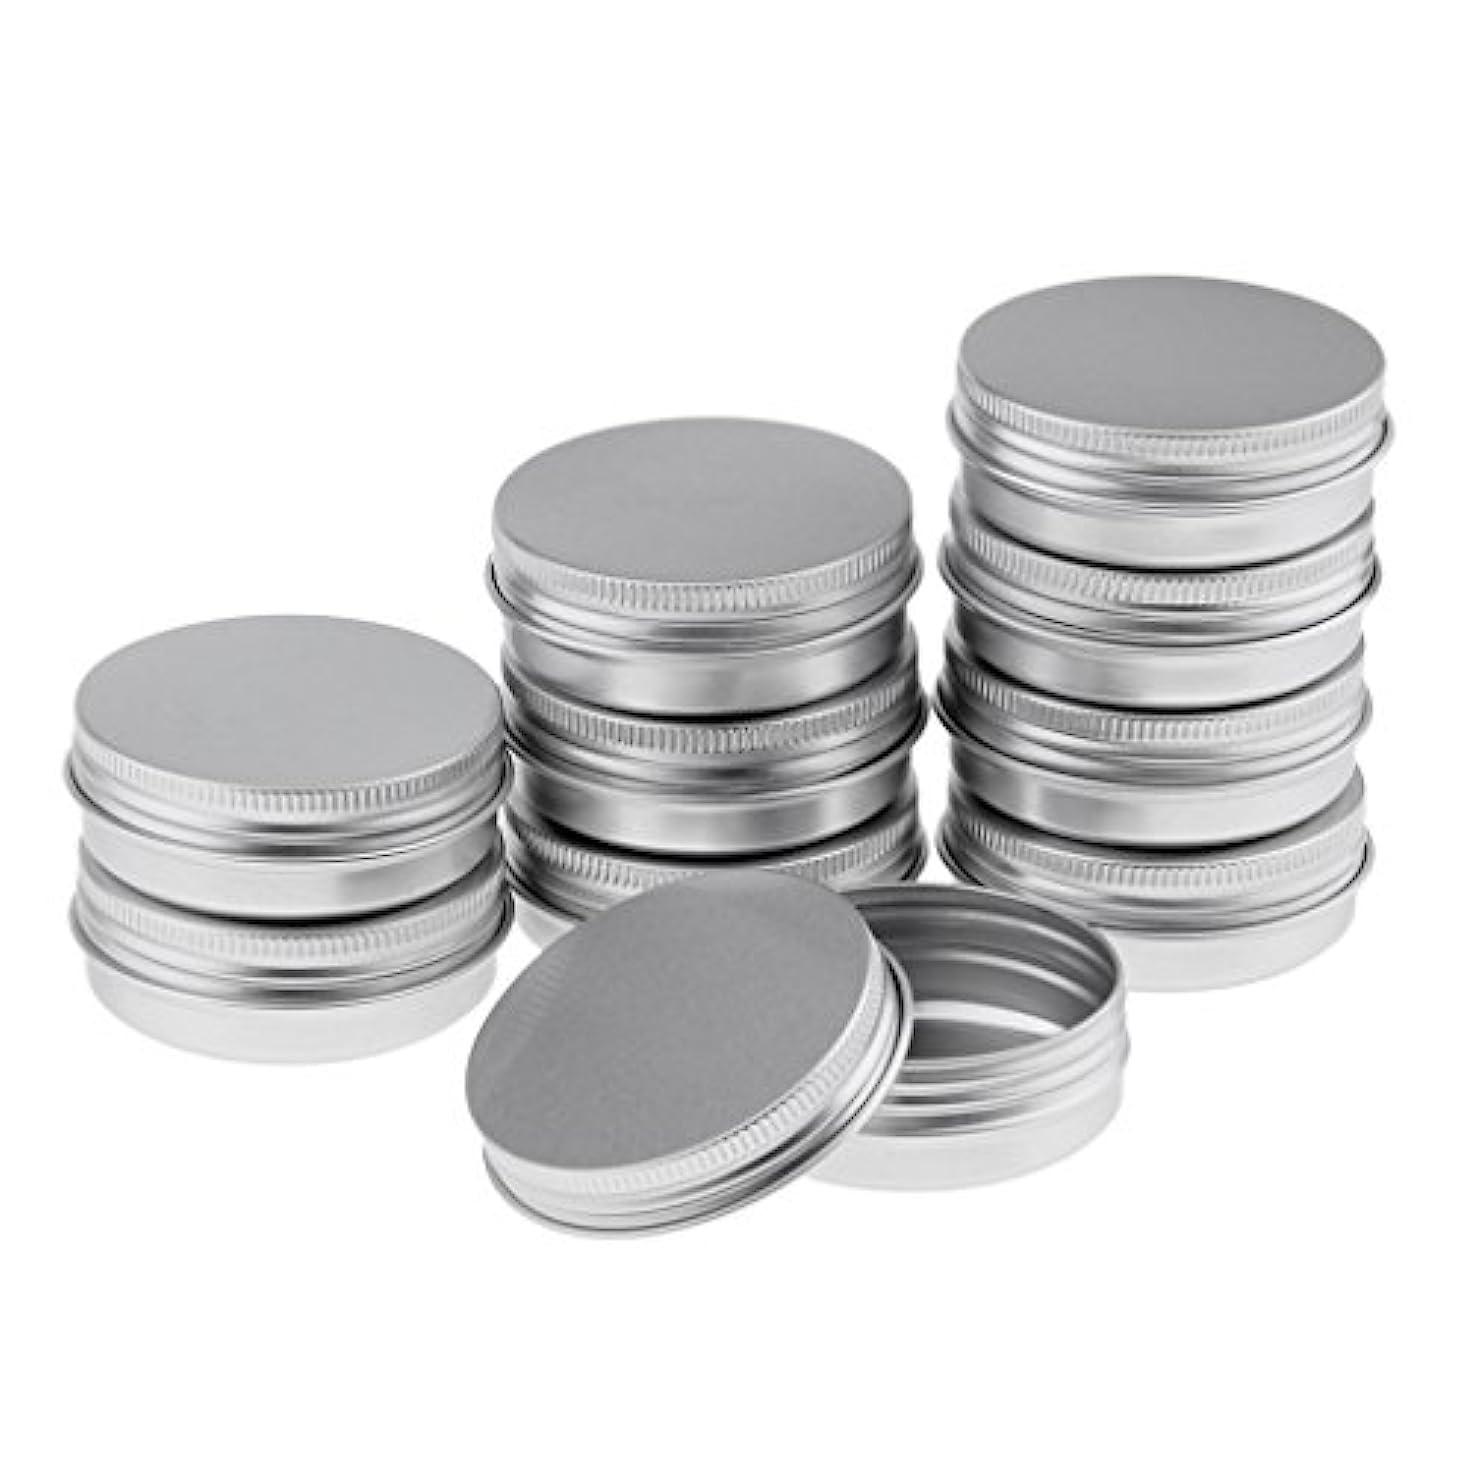 に話す理想的には現代10個 空缶 空ジャー コスメ用 詰替え容器 ラウンド アルミ スクリュー蓋付き 収納 メイク道具 3サイズ選べる - 5.7x2.3 cm